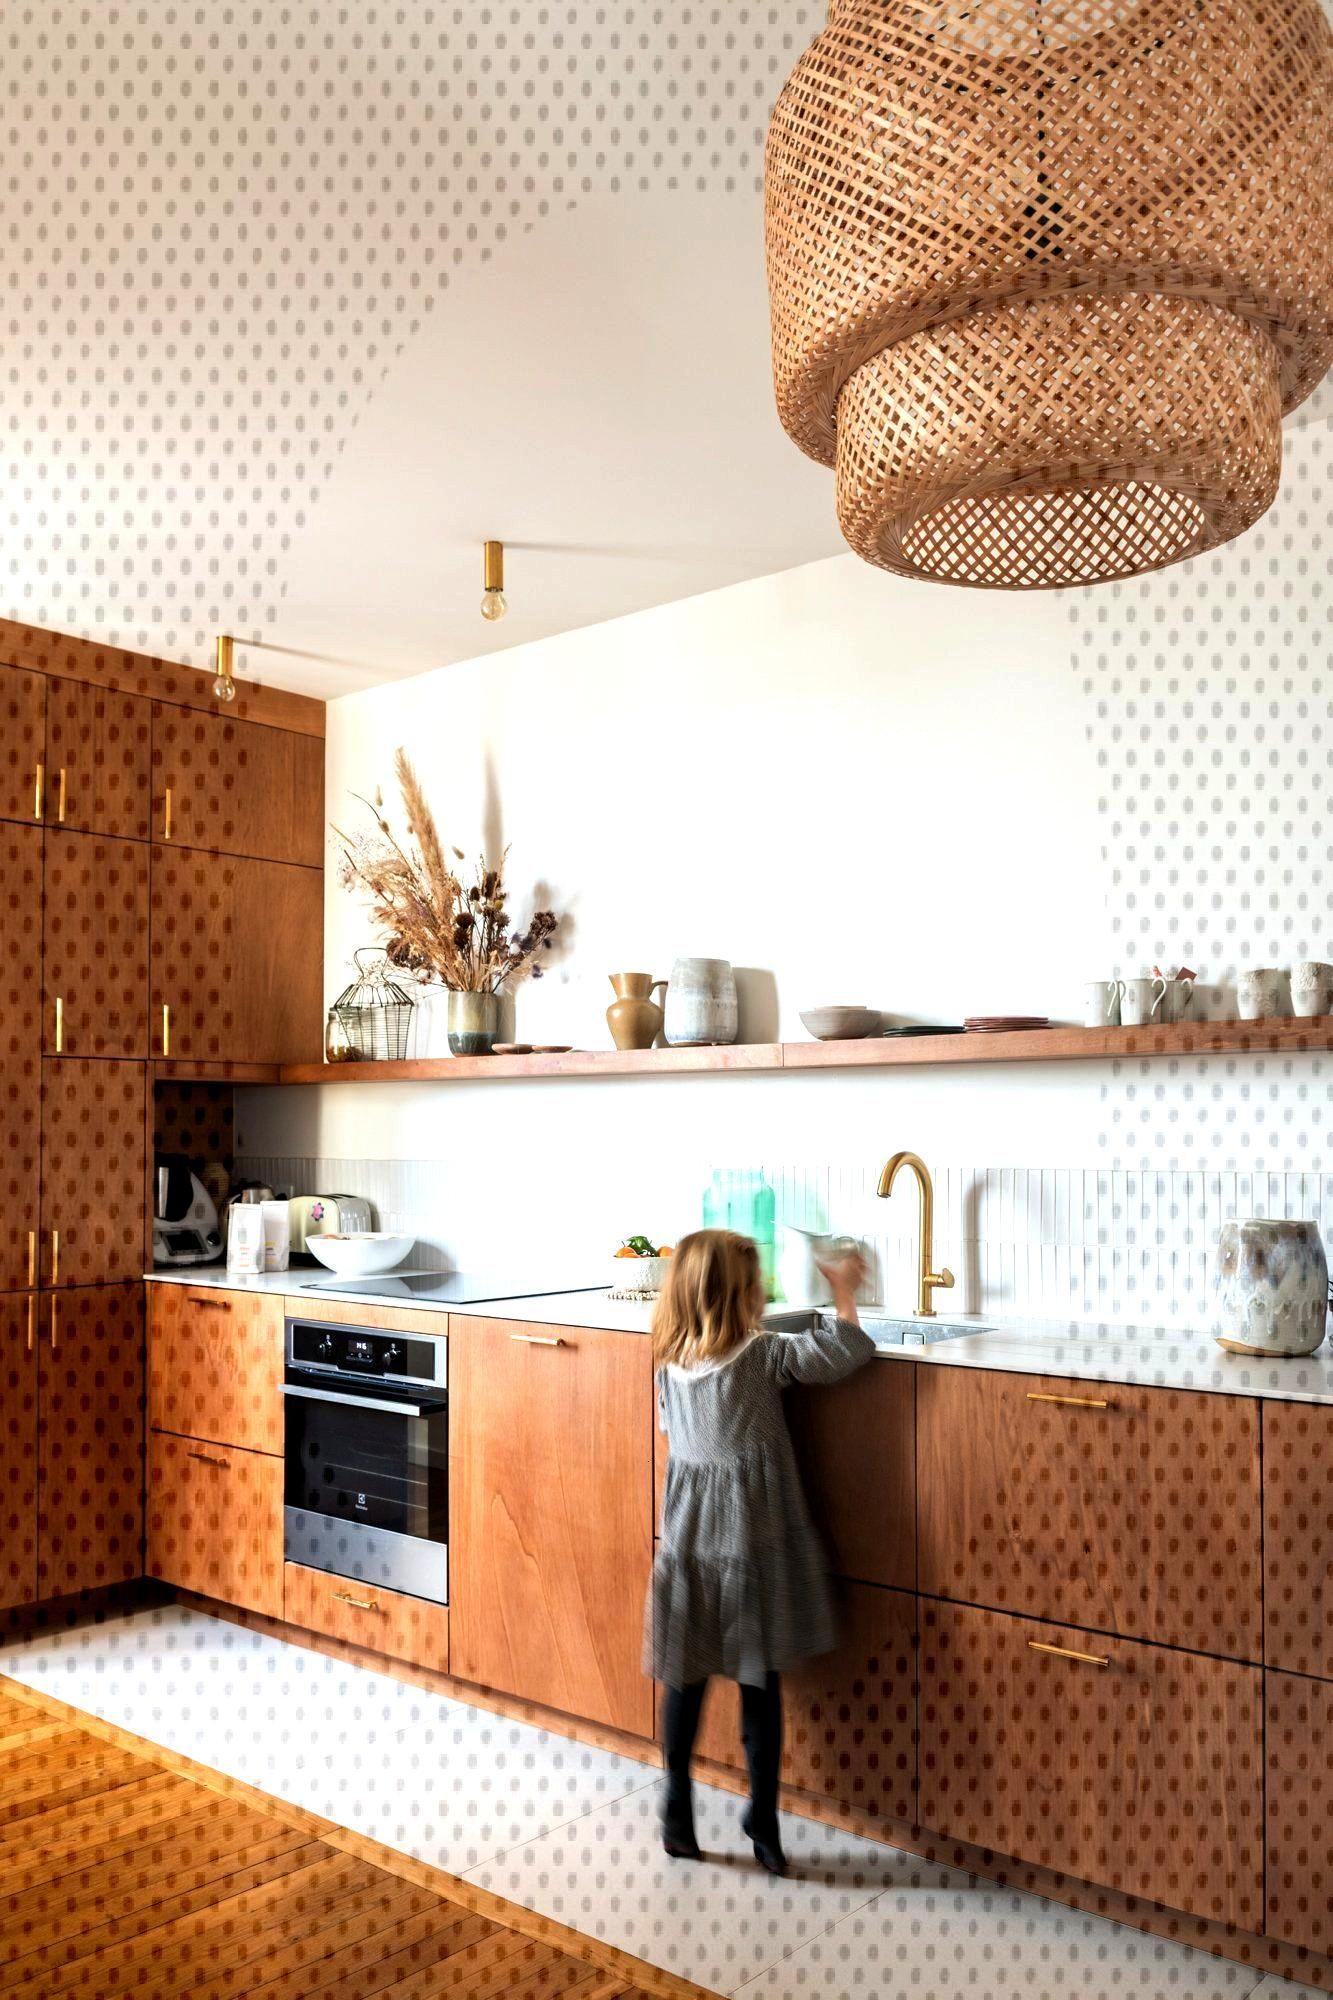 Cuisine en bois et métal doré sur-mesure The Socialite Family   Une cuisine sur-mesure réalisée